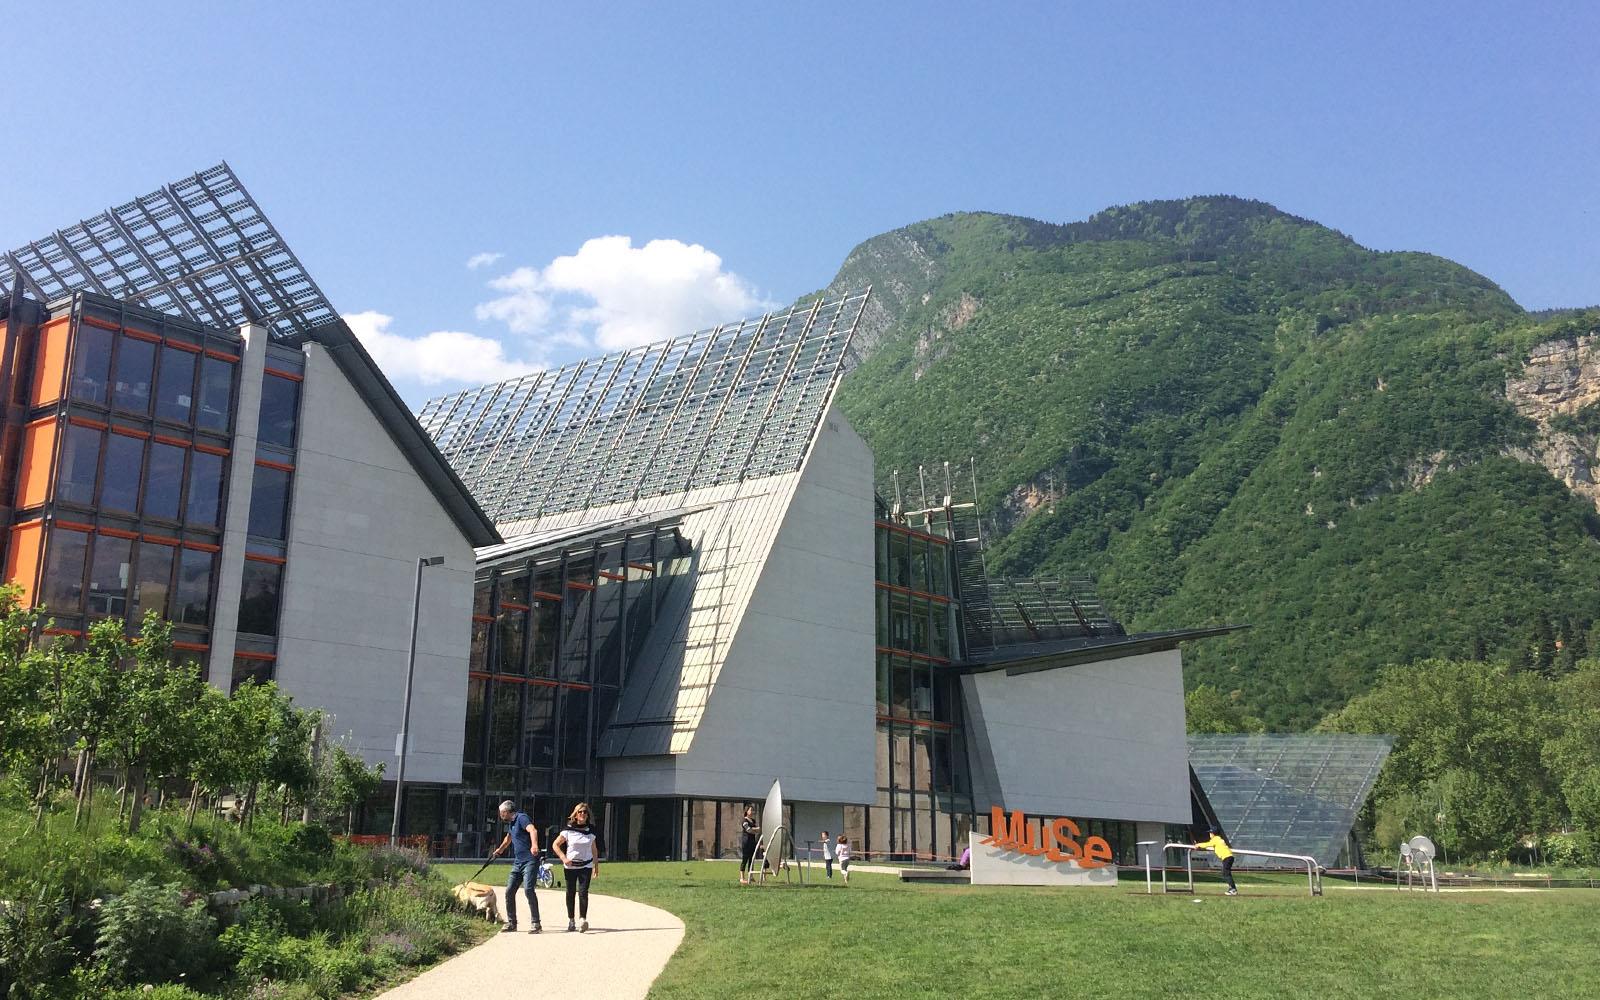 La facciata esterna del MUSE di Trento, l'opera realizzata da Renzo piano.